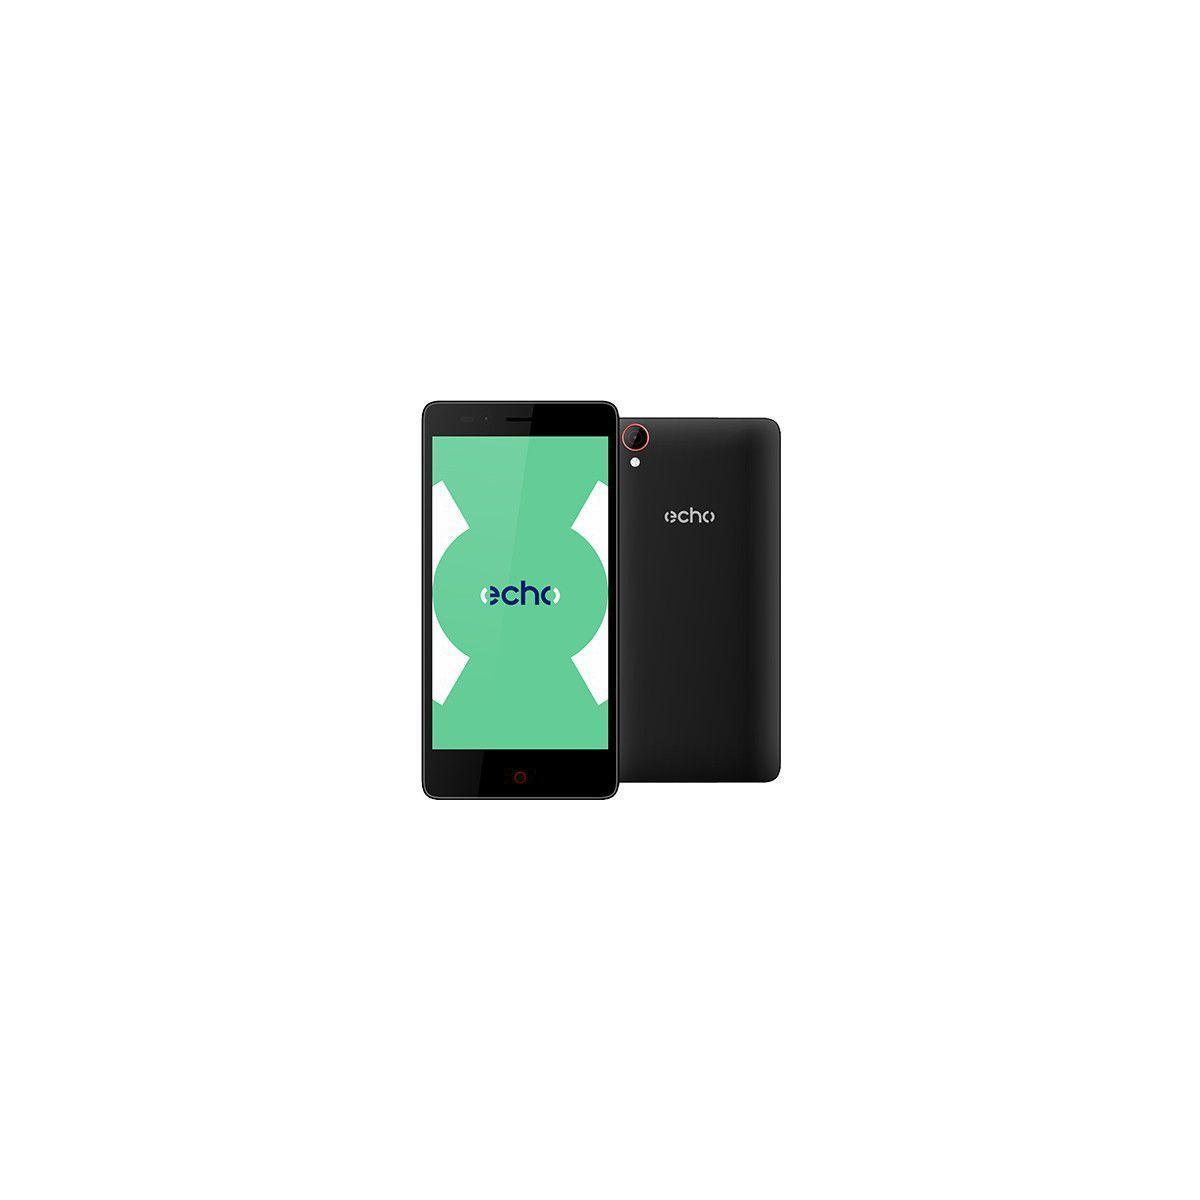 T l phonie gps t l phone mobile seul echo volt noir for Prix telephone seul